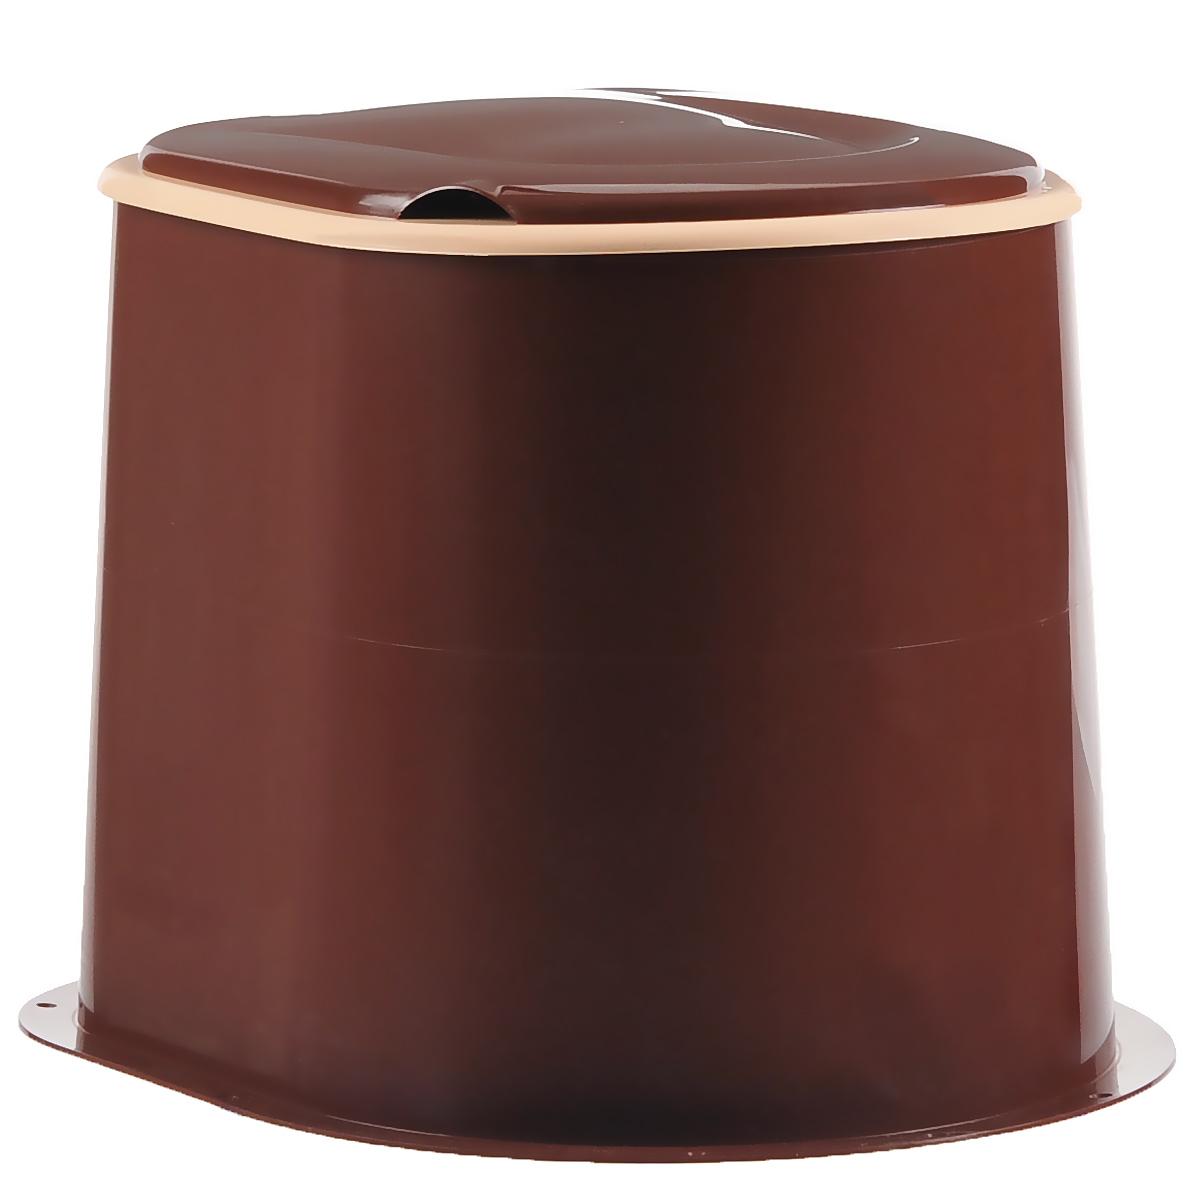 Туалет дачный Альтернатива, цвет: коричневый. М1295M1295_коричневыйДачный туалет Альтернатива выполнен из пластика и предназначен для монтажа на яму. Удобен в использовании на дачном участке. Оснащен съемным сиденьем с крышкой. В комплекте: - стойка, - сиденье с крышкой, - 8 саморезов.Размер (без сиденья): 47 см х 41 см х 36 см. Размер сиденья (с крышкой): 40 см х 34 см х 6,5 см.